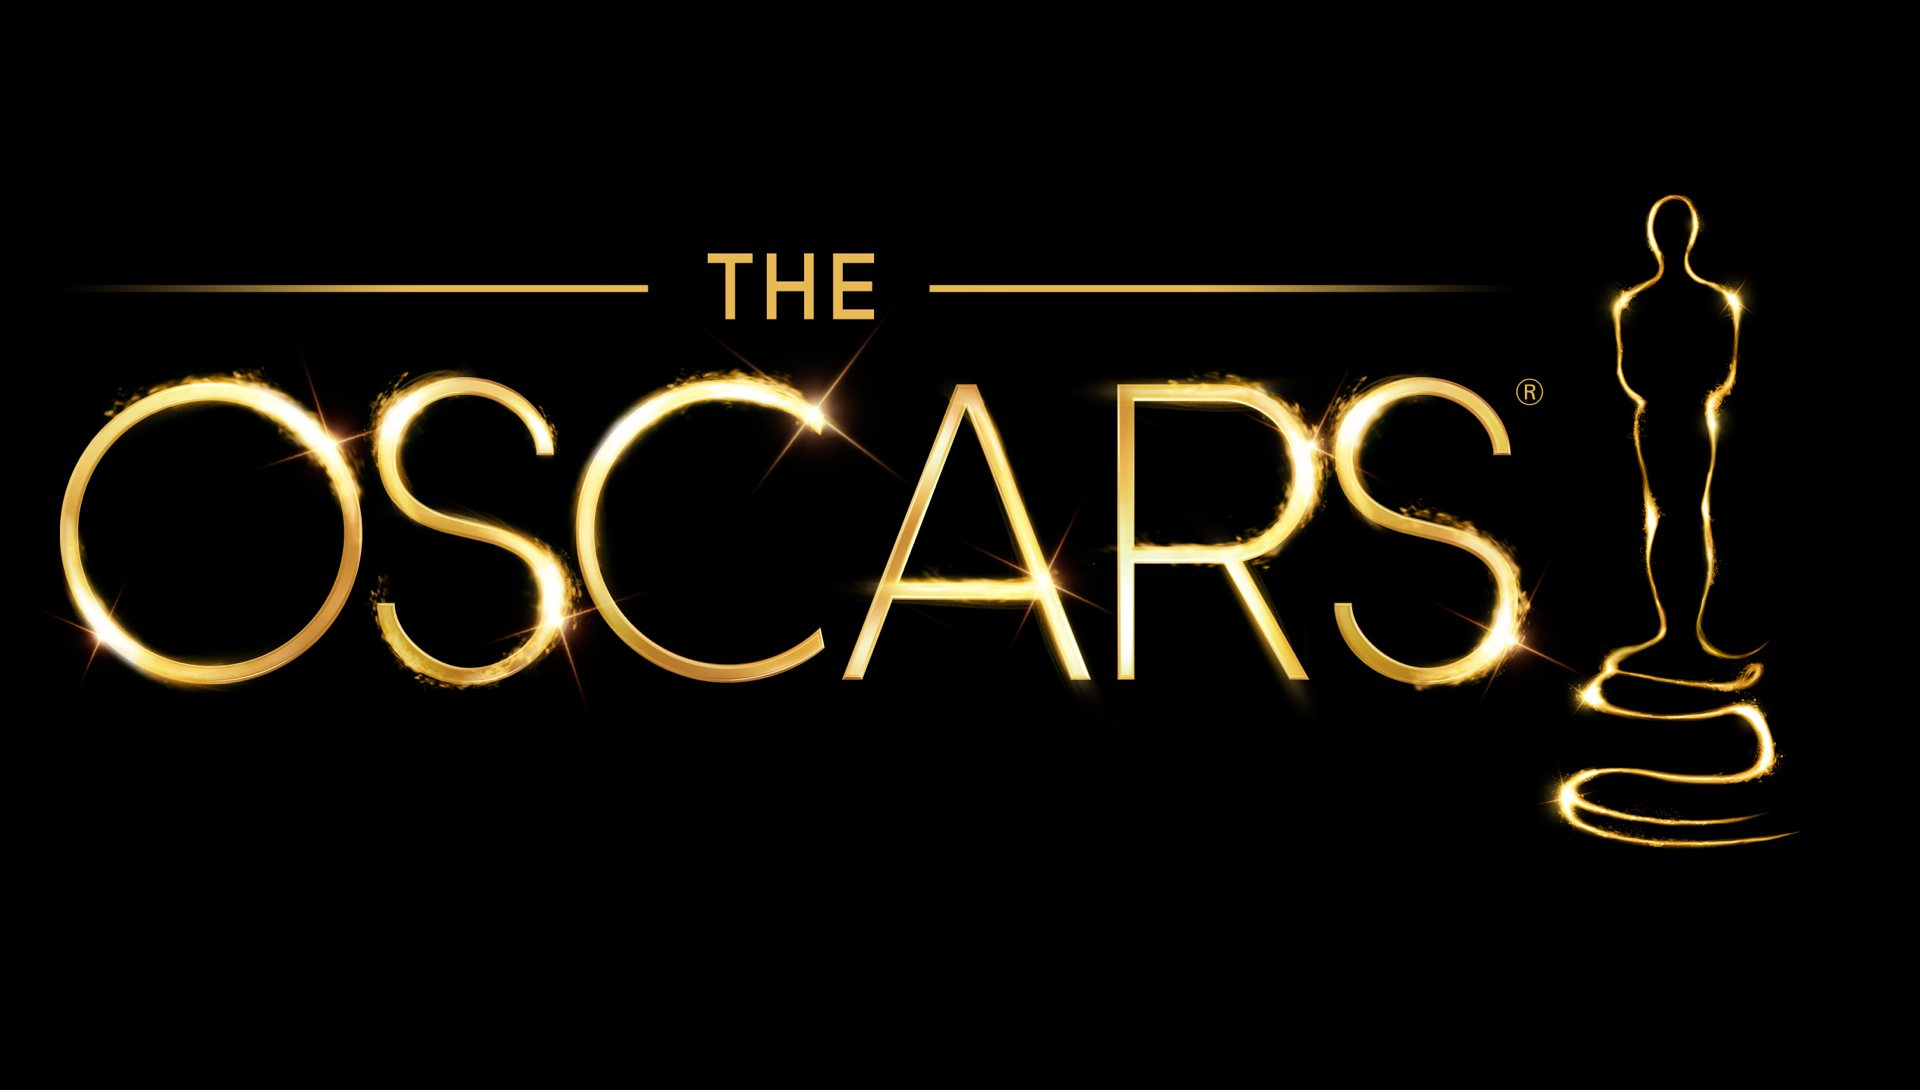 Oscar 2016 - Nunca antes uma lista de indicados causou tanta polêmica